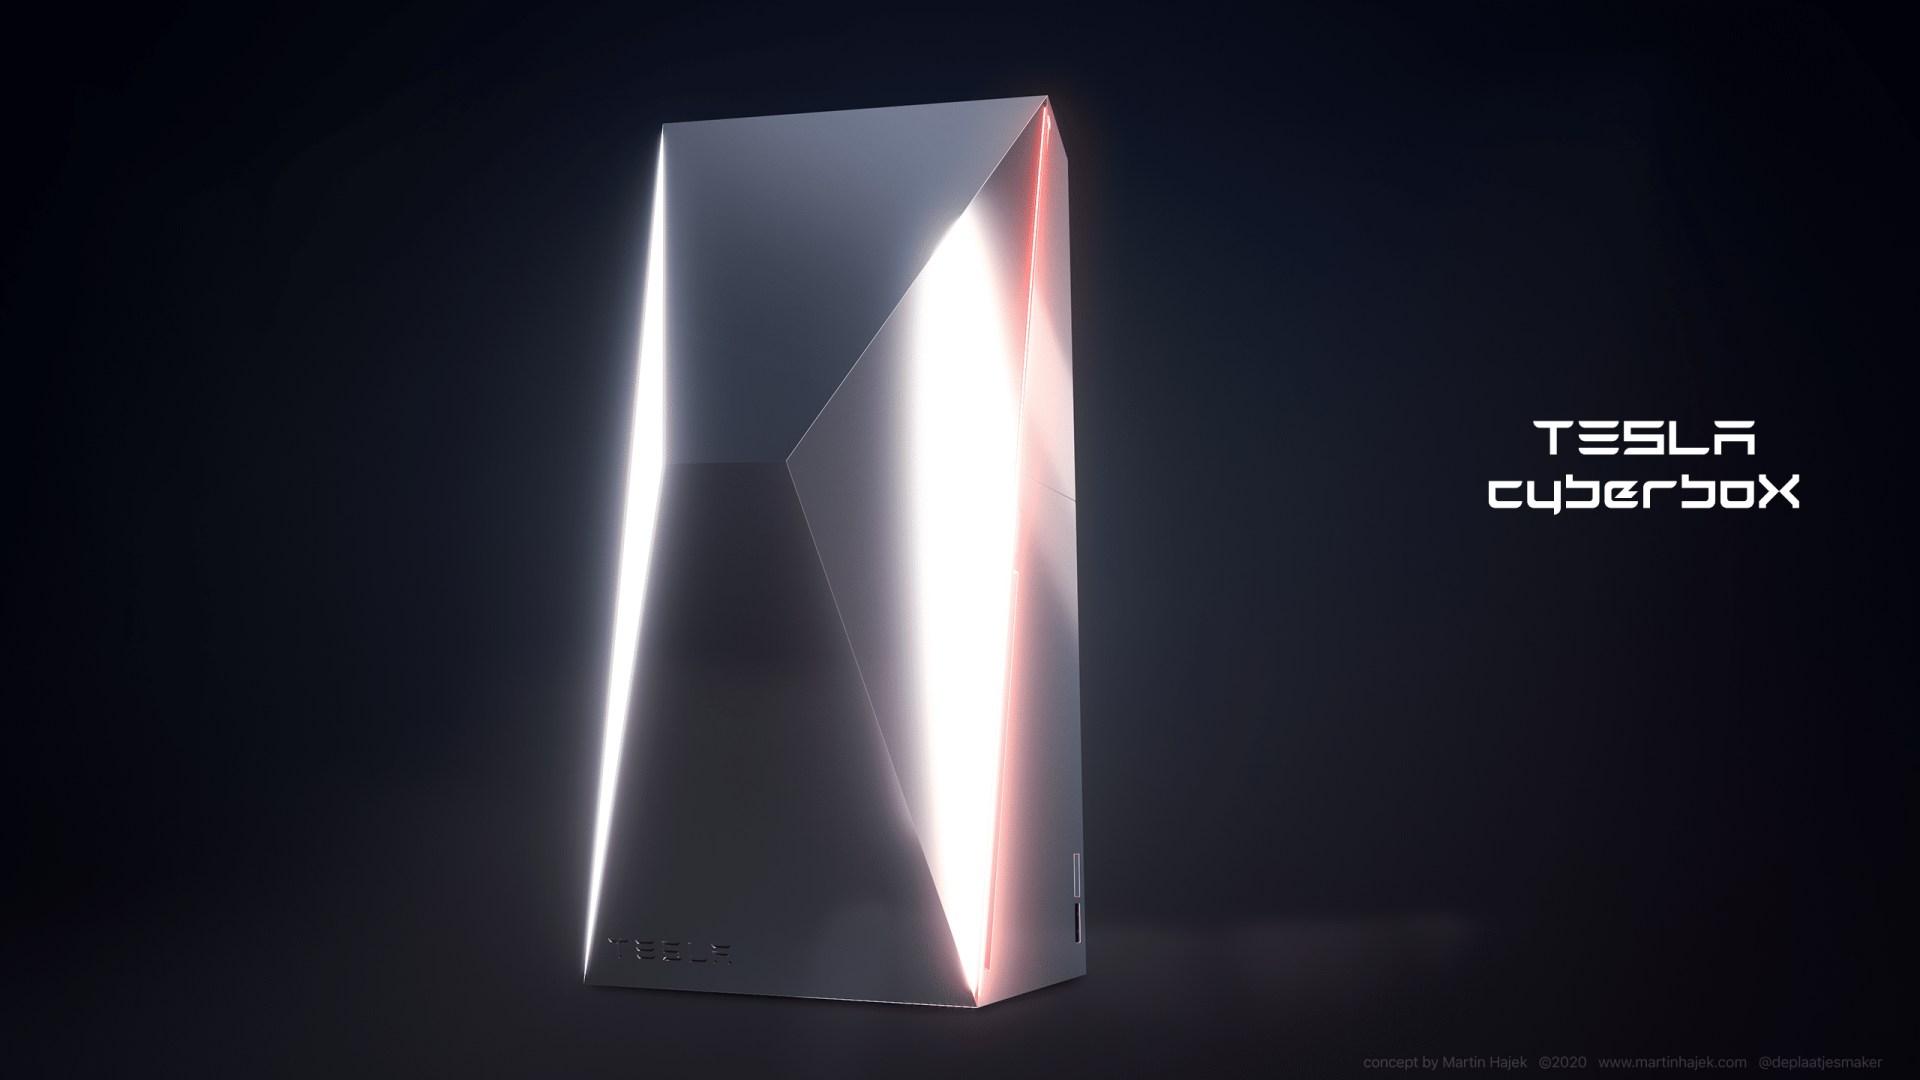 Tesla Cyberbox: Design-Konzept von Martin Hajek